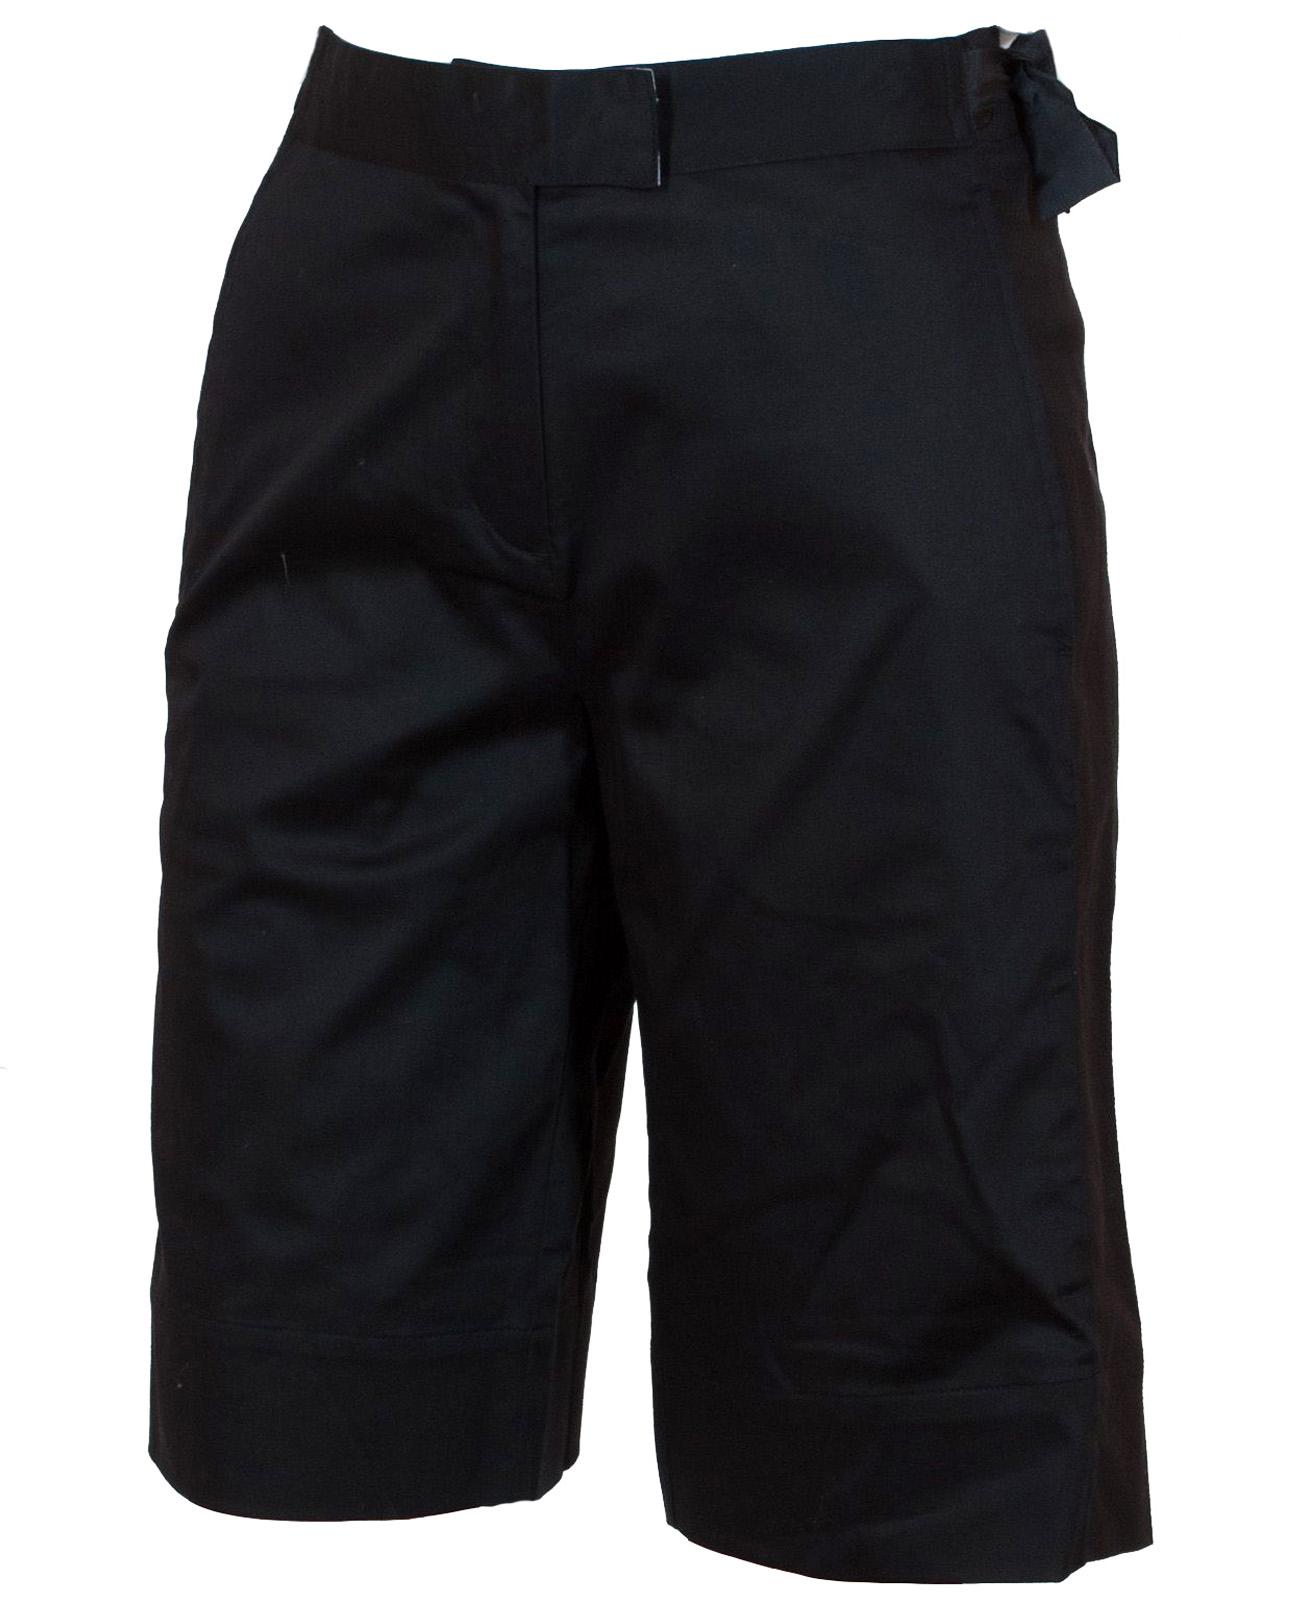 Купить длинные женские шорты черного цвета